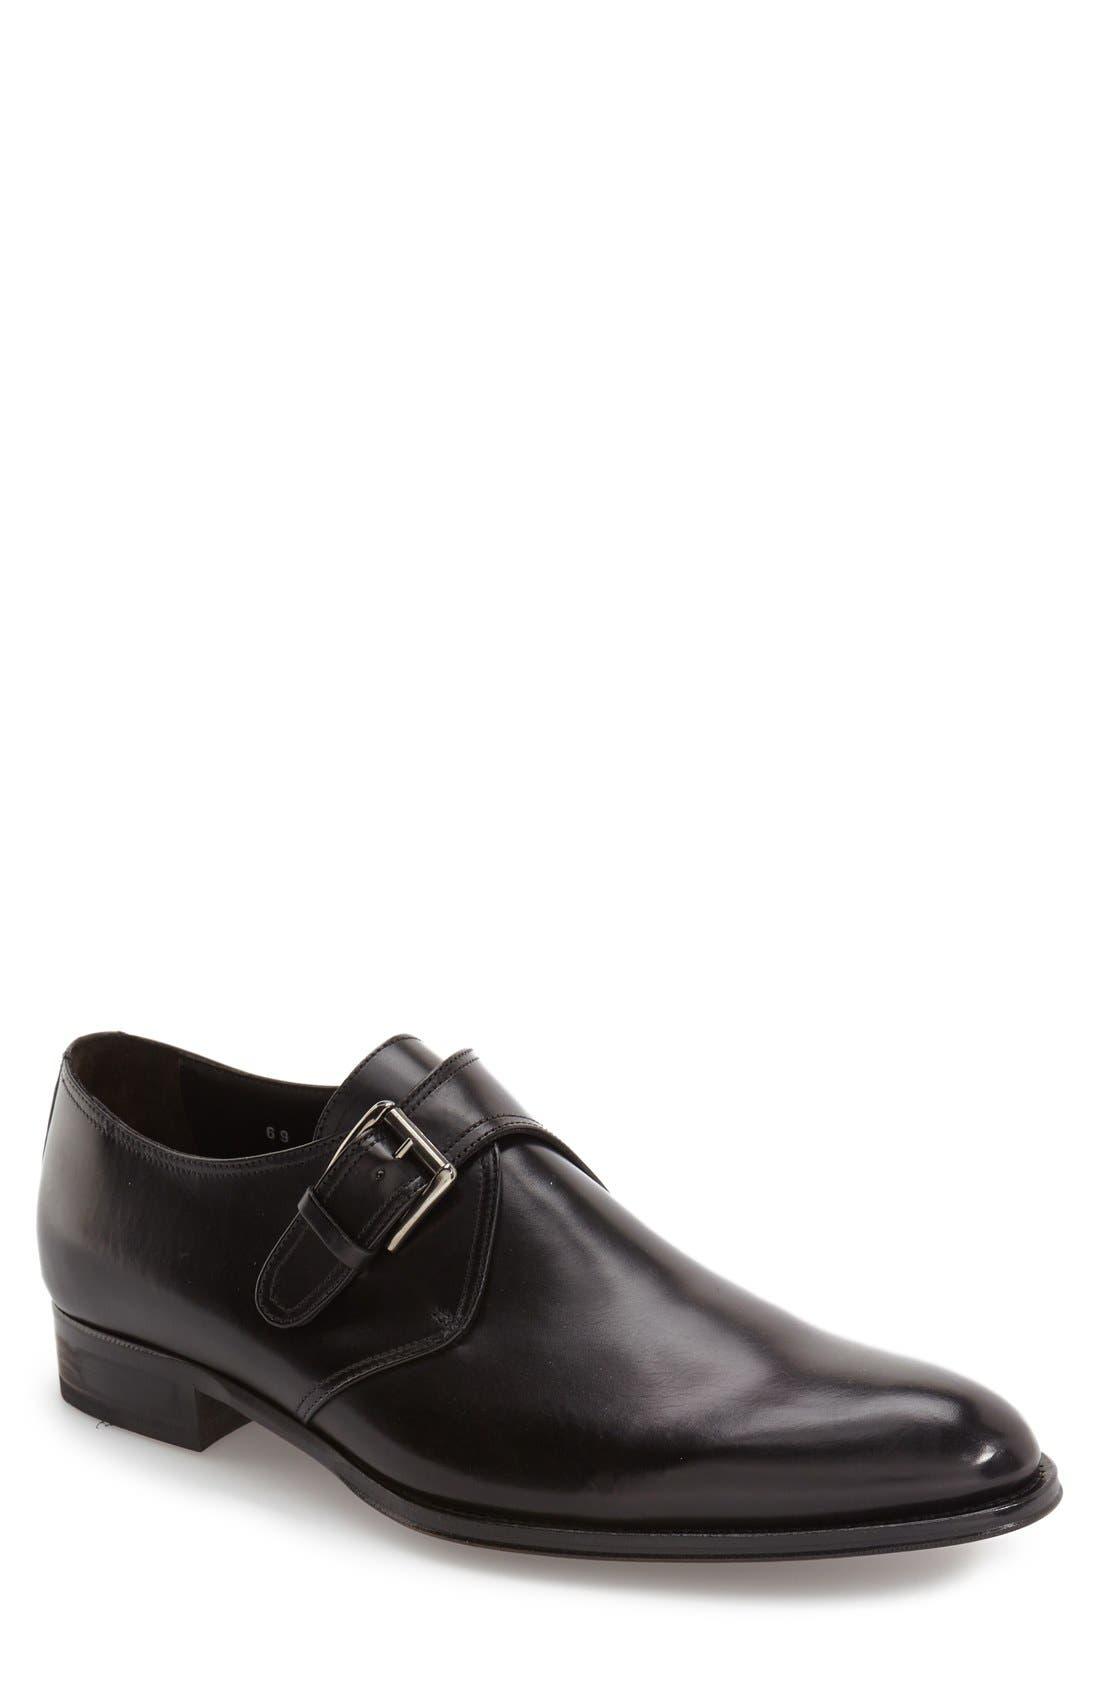 Emmett Monk Strap Shoe, Main, color, BLACK LEATHER